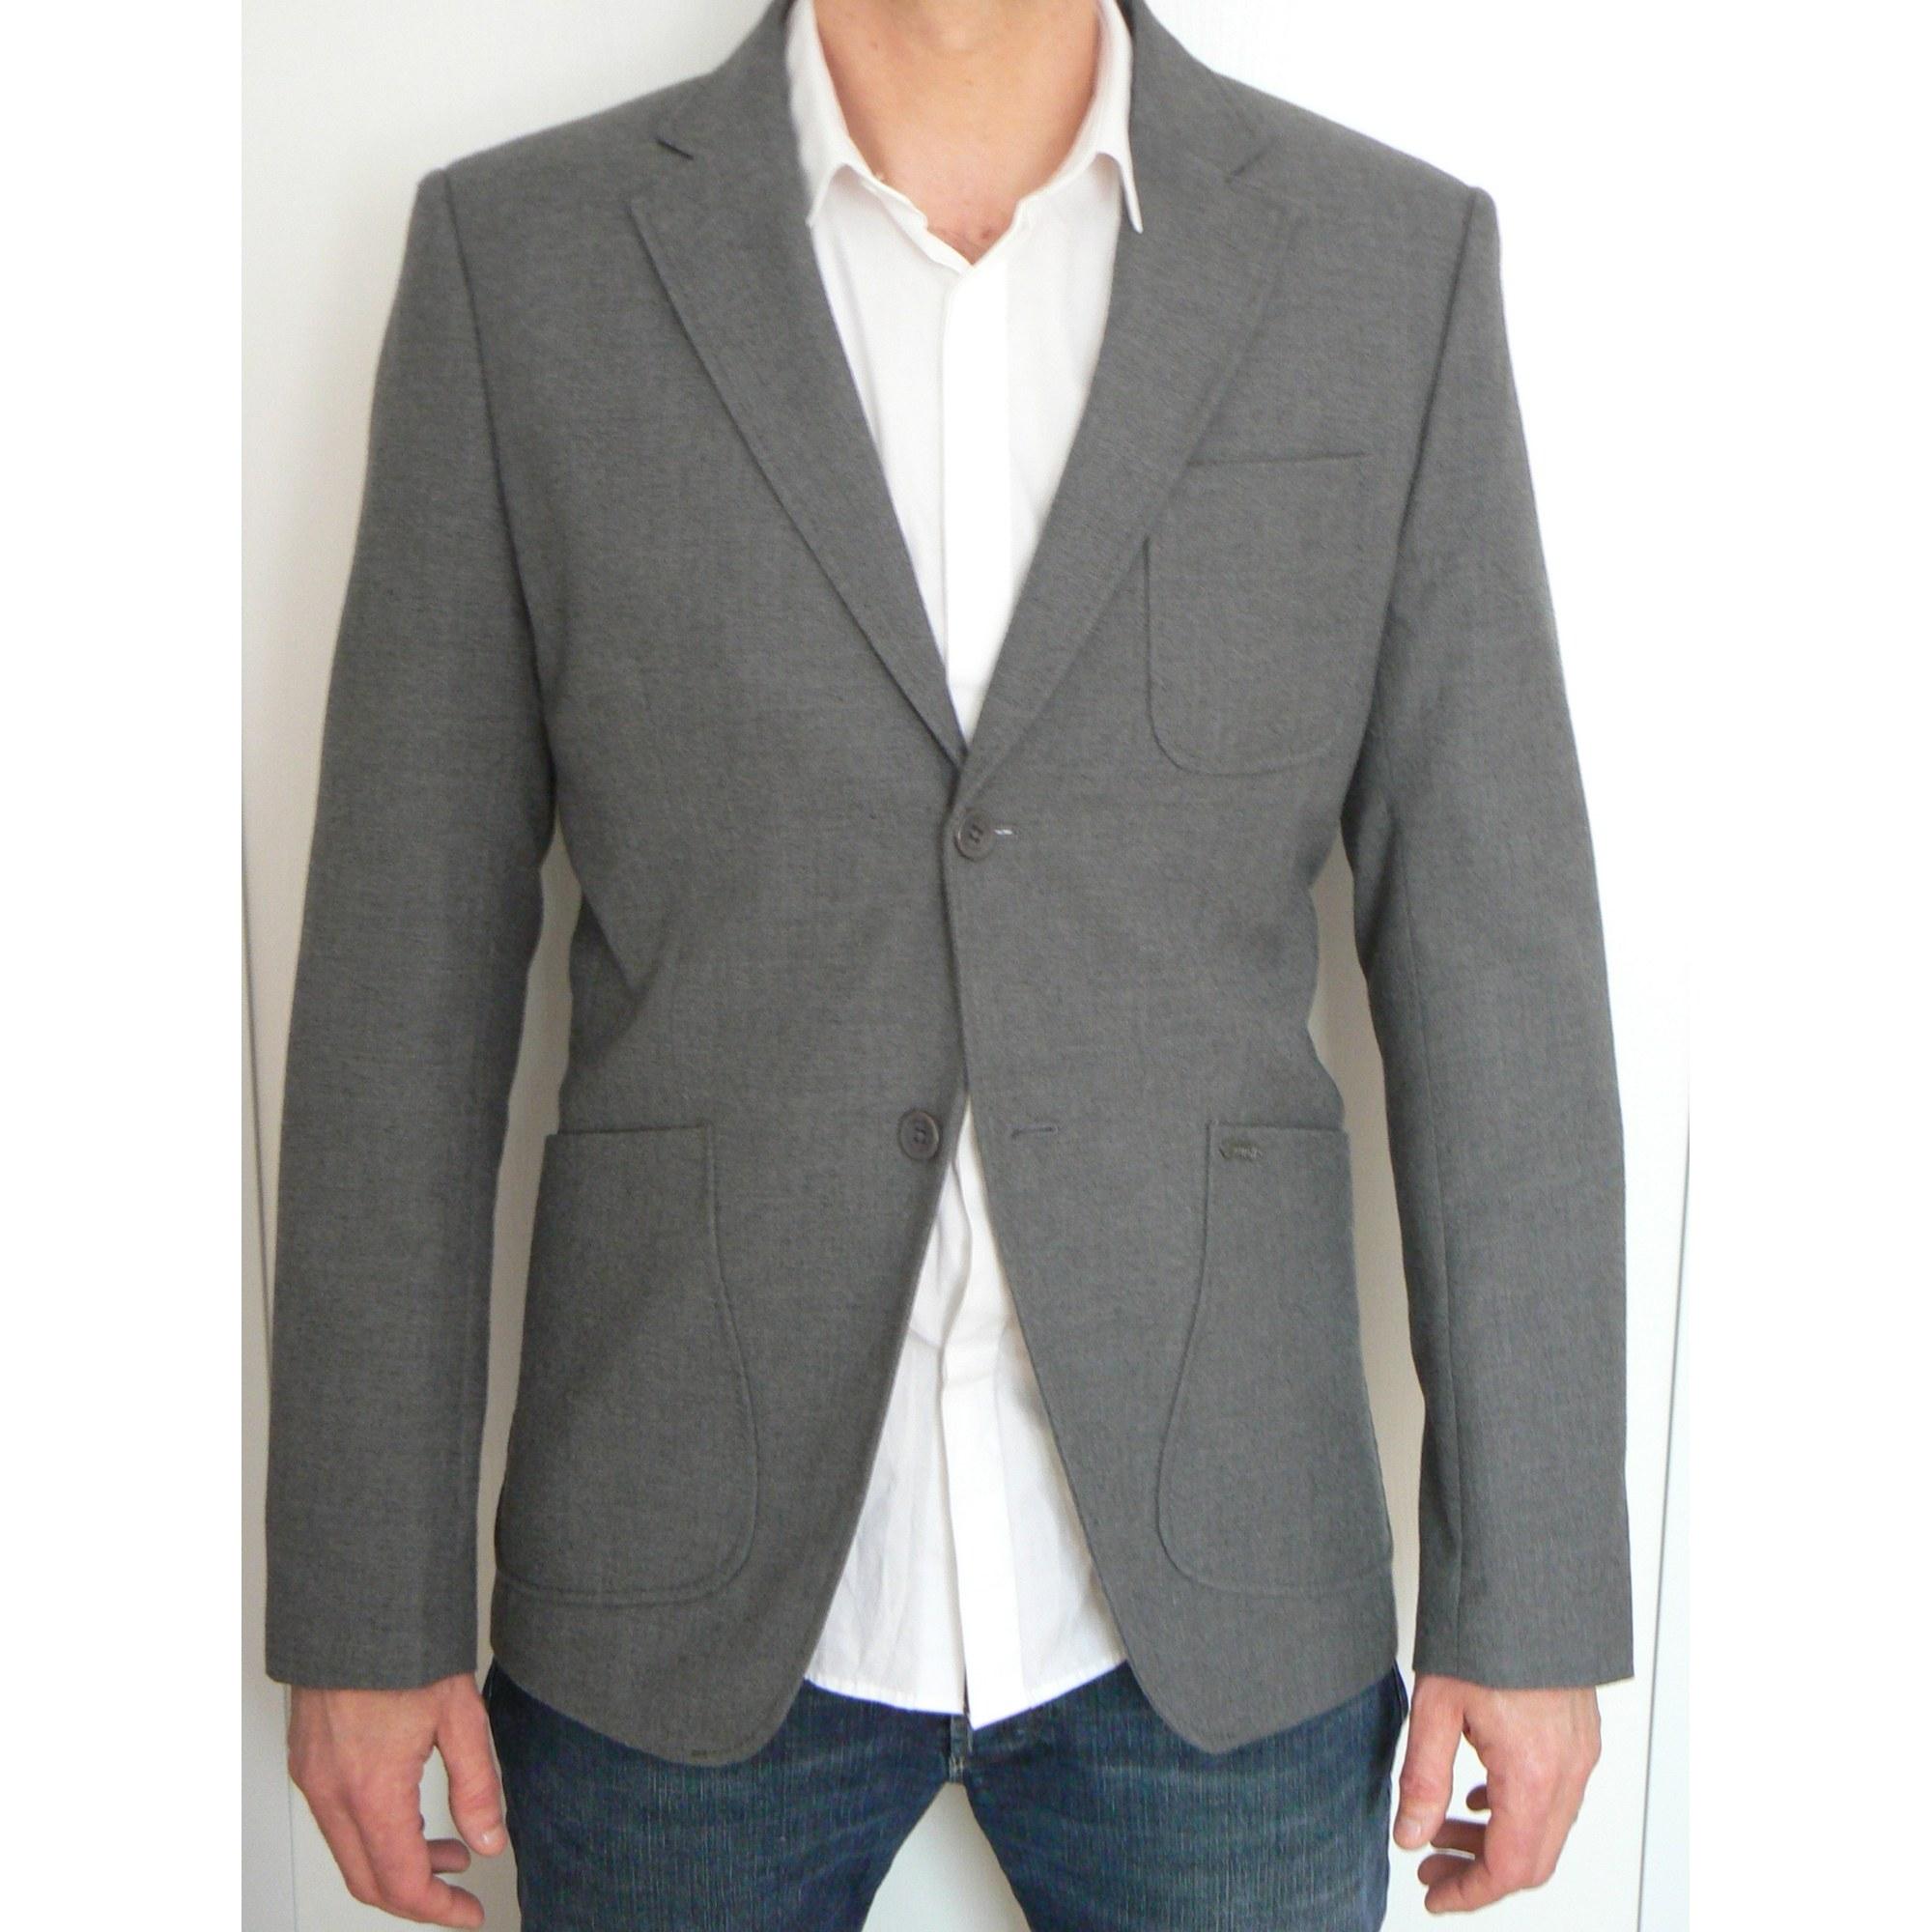 veste scotch soda autre gris vendu par mfilmotte473610. Black Bedroom Furniture Sets. Home Design Ideas